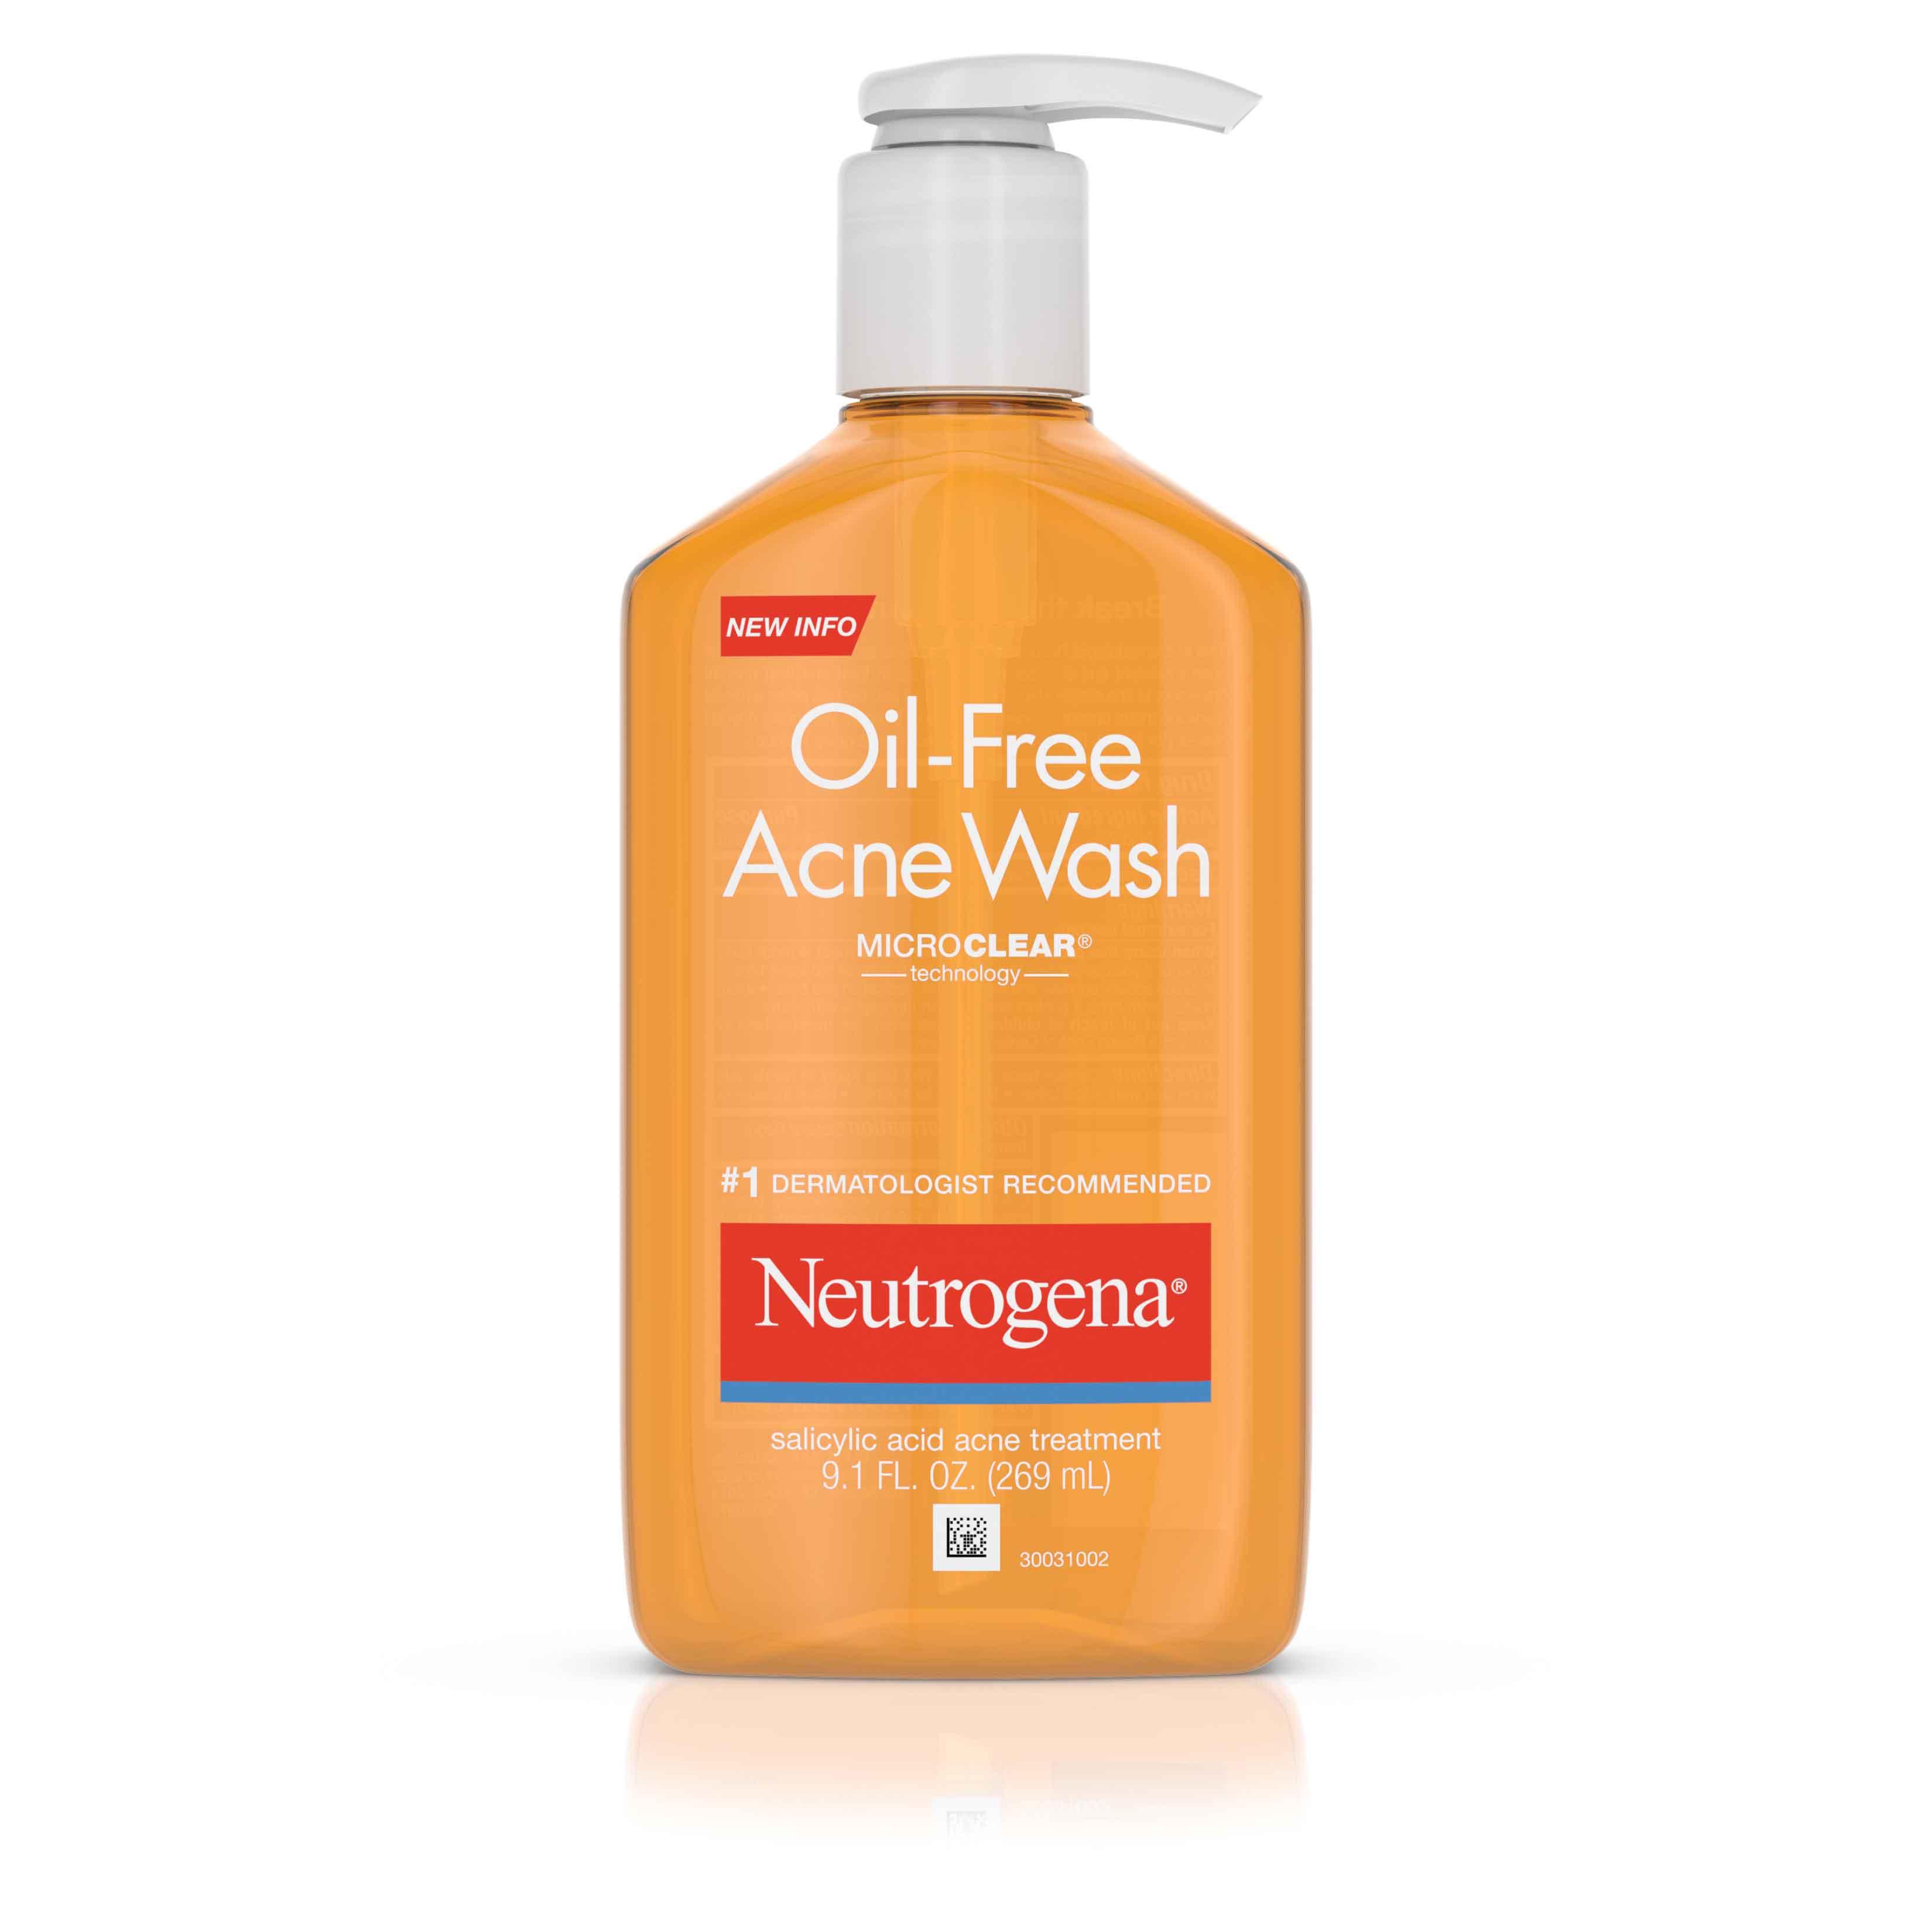 Oil-Free Acne Wash